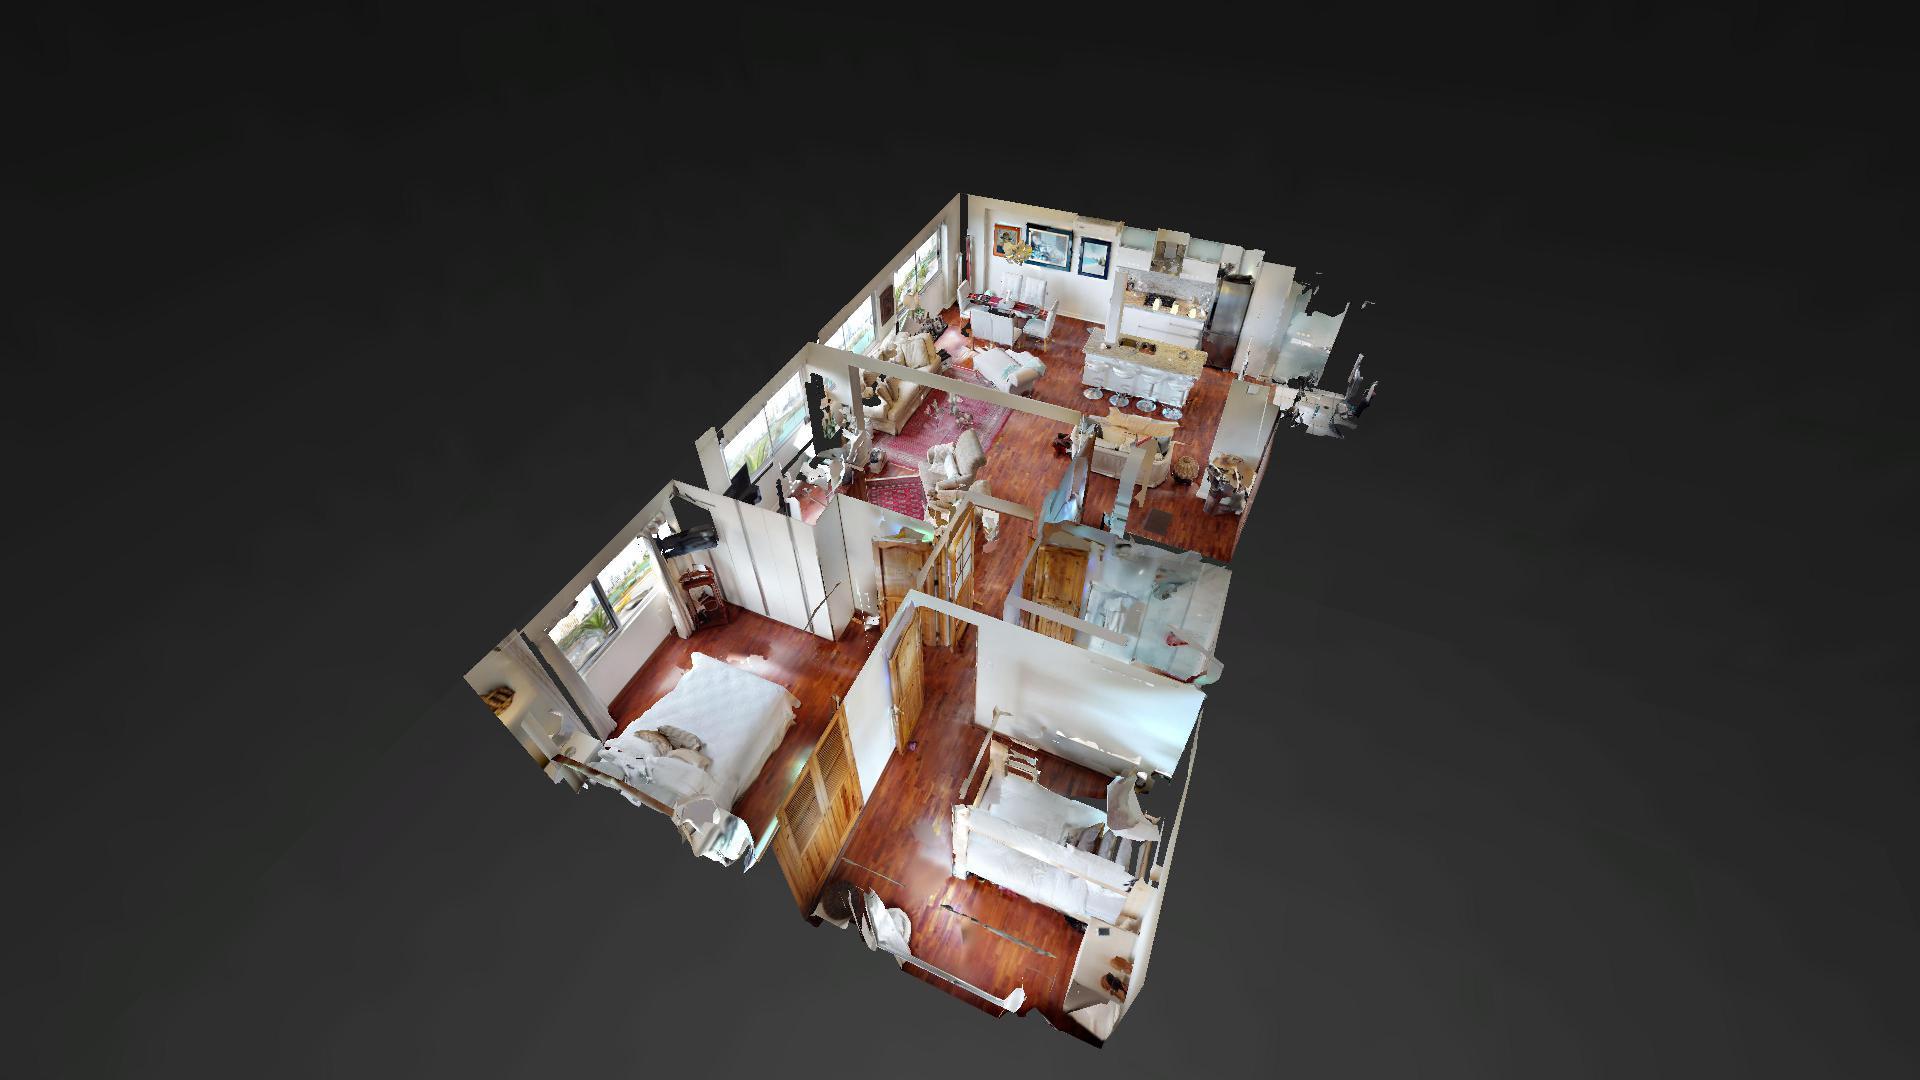 Vista dollhouse de un departamento en Malecón 28 de Julio 489, Miraflores 15074, Perú